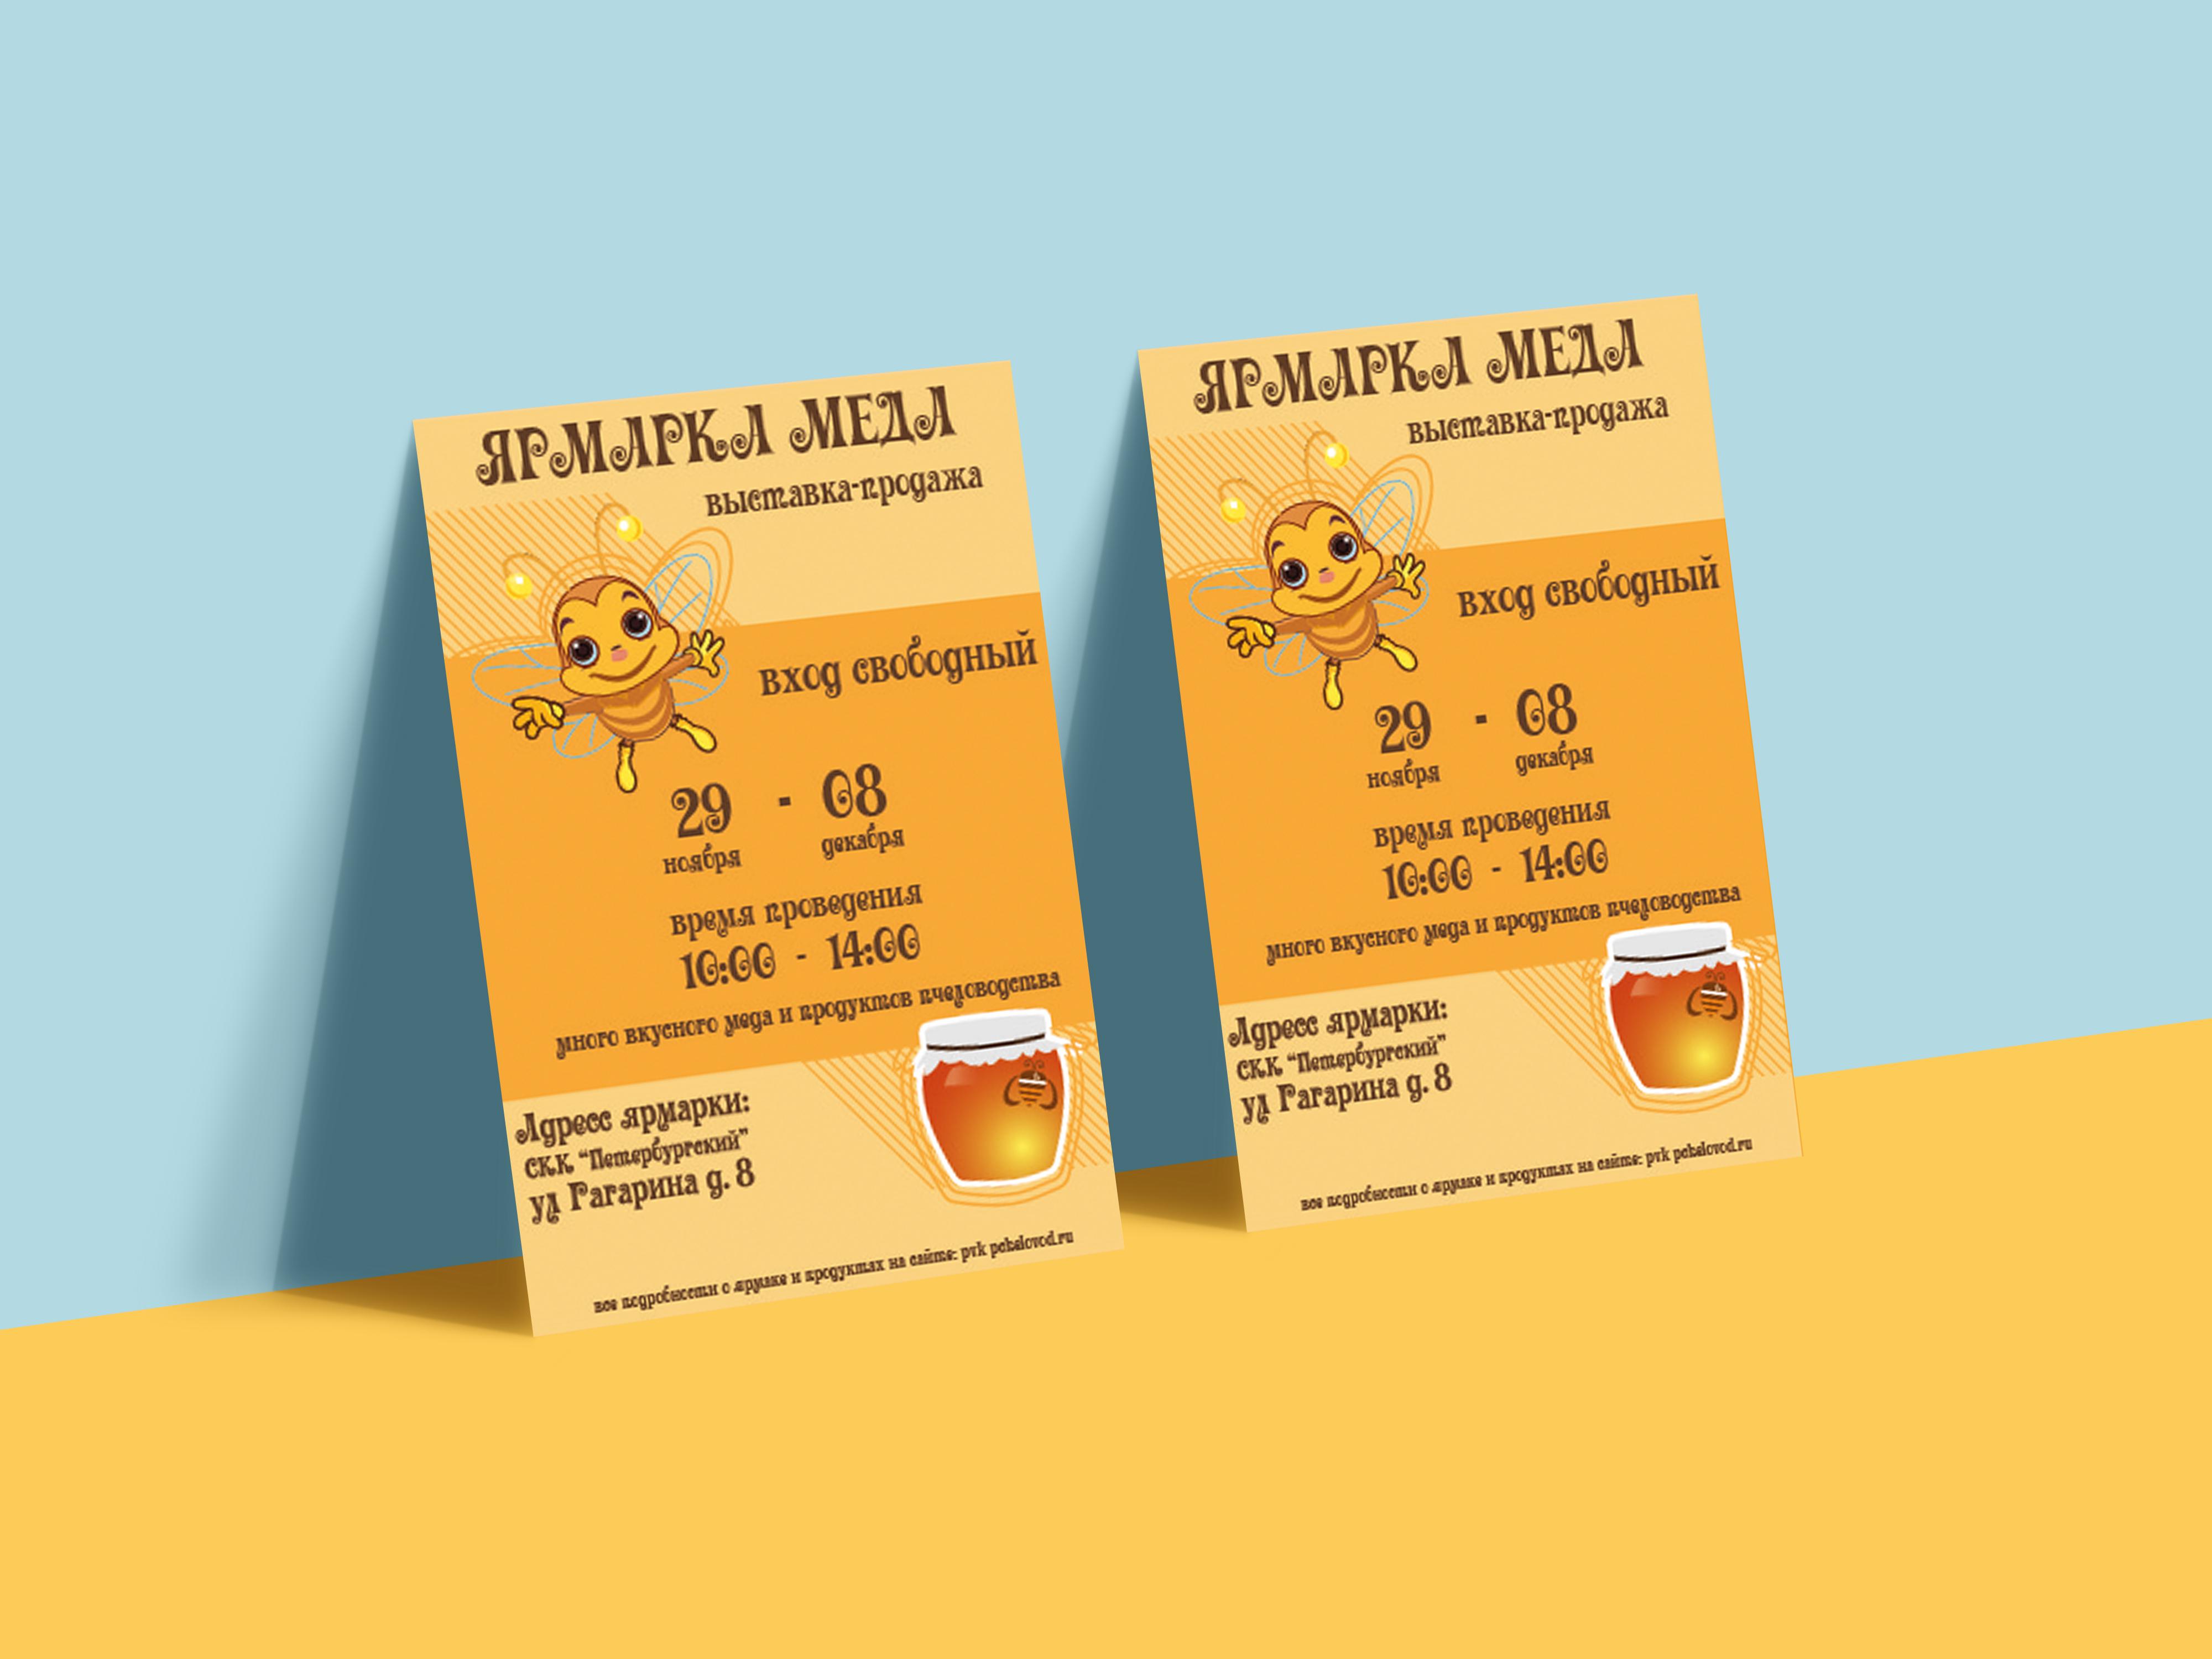 Объявление о выставке меда(СПБ)